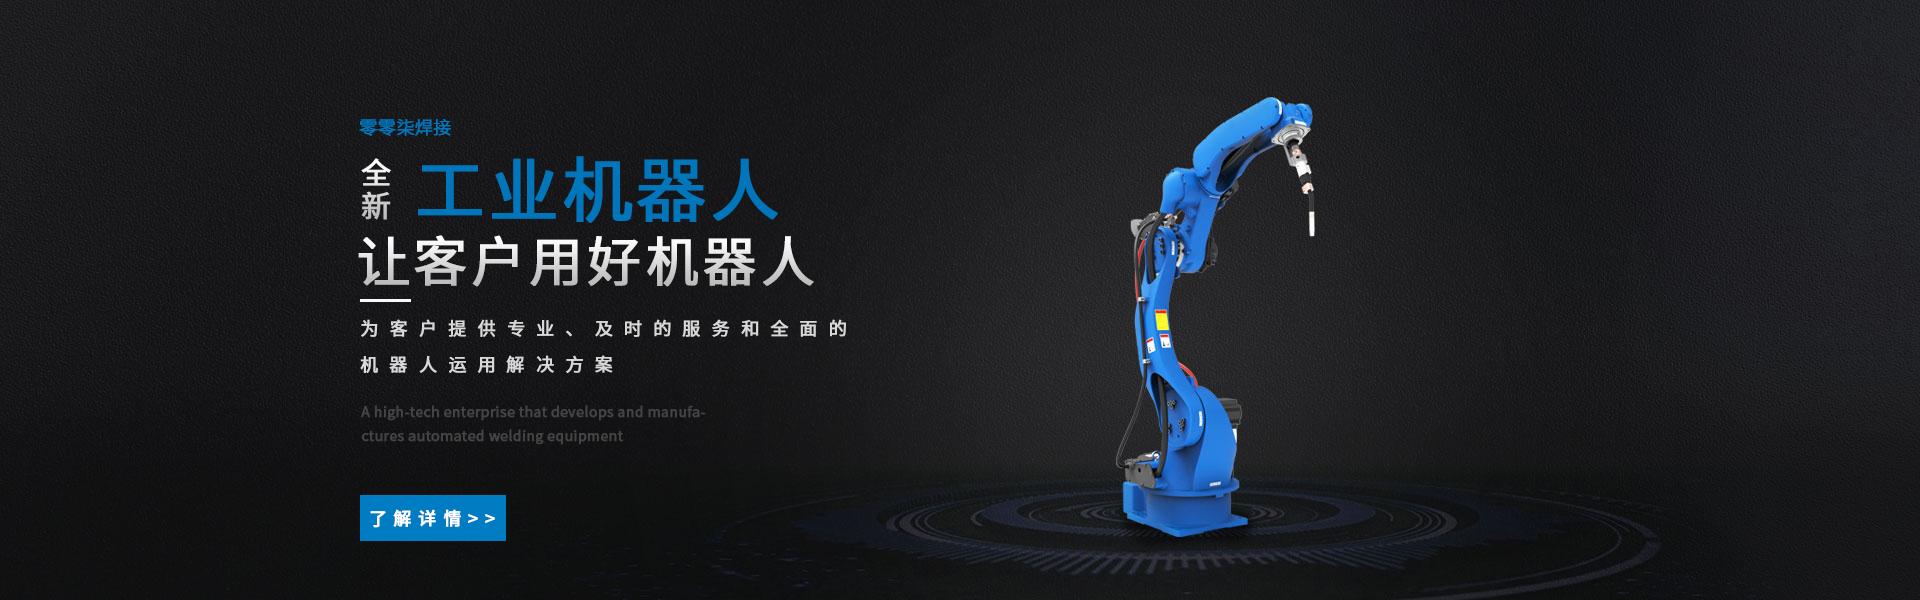 优质机器人焊接,供应卡诺谱机器人